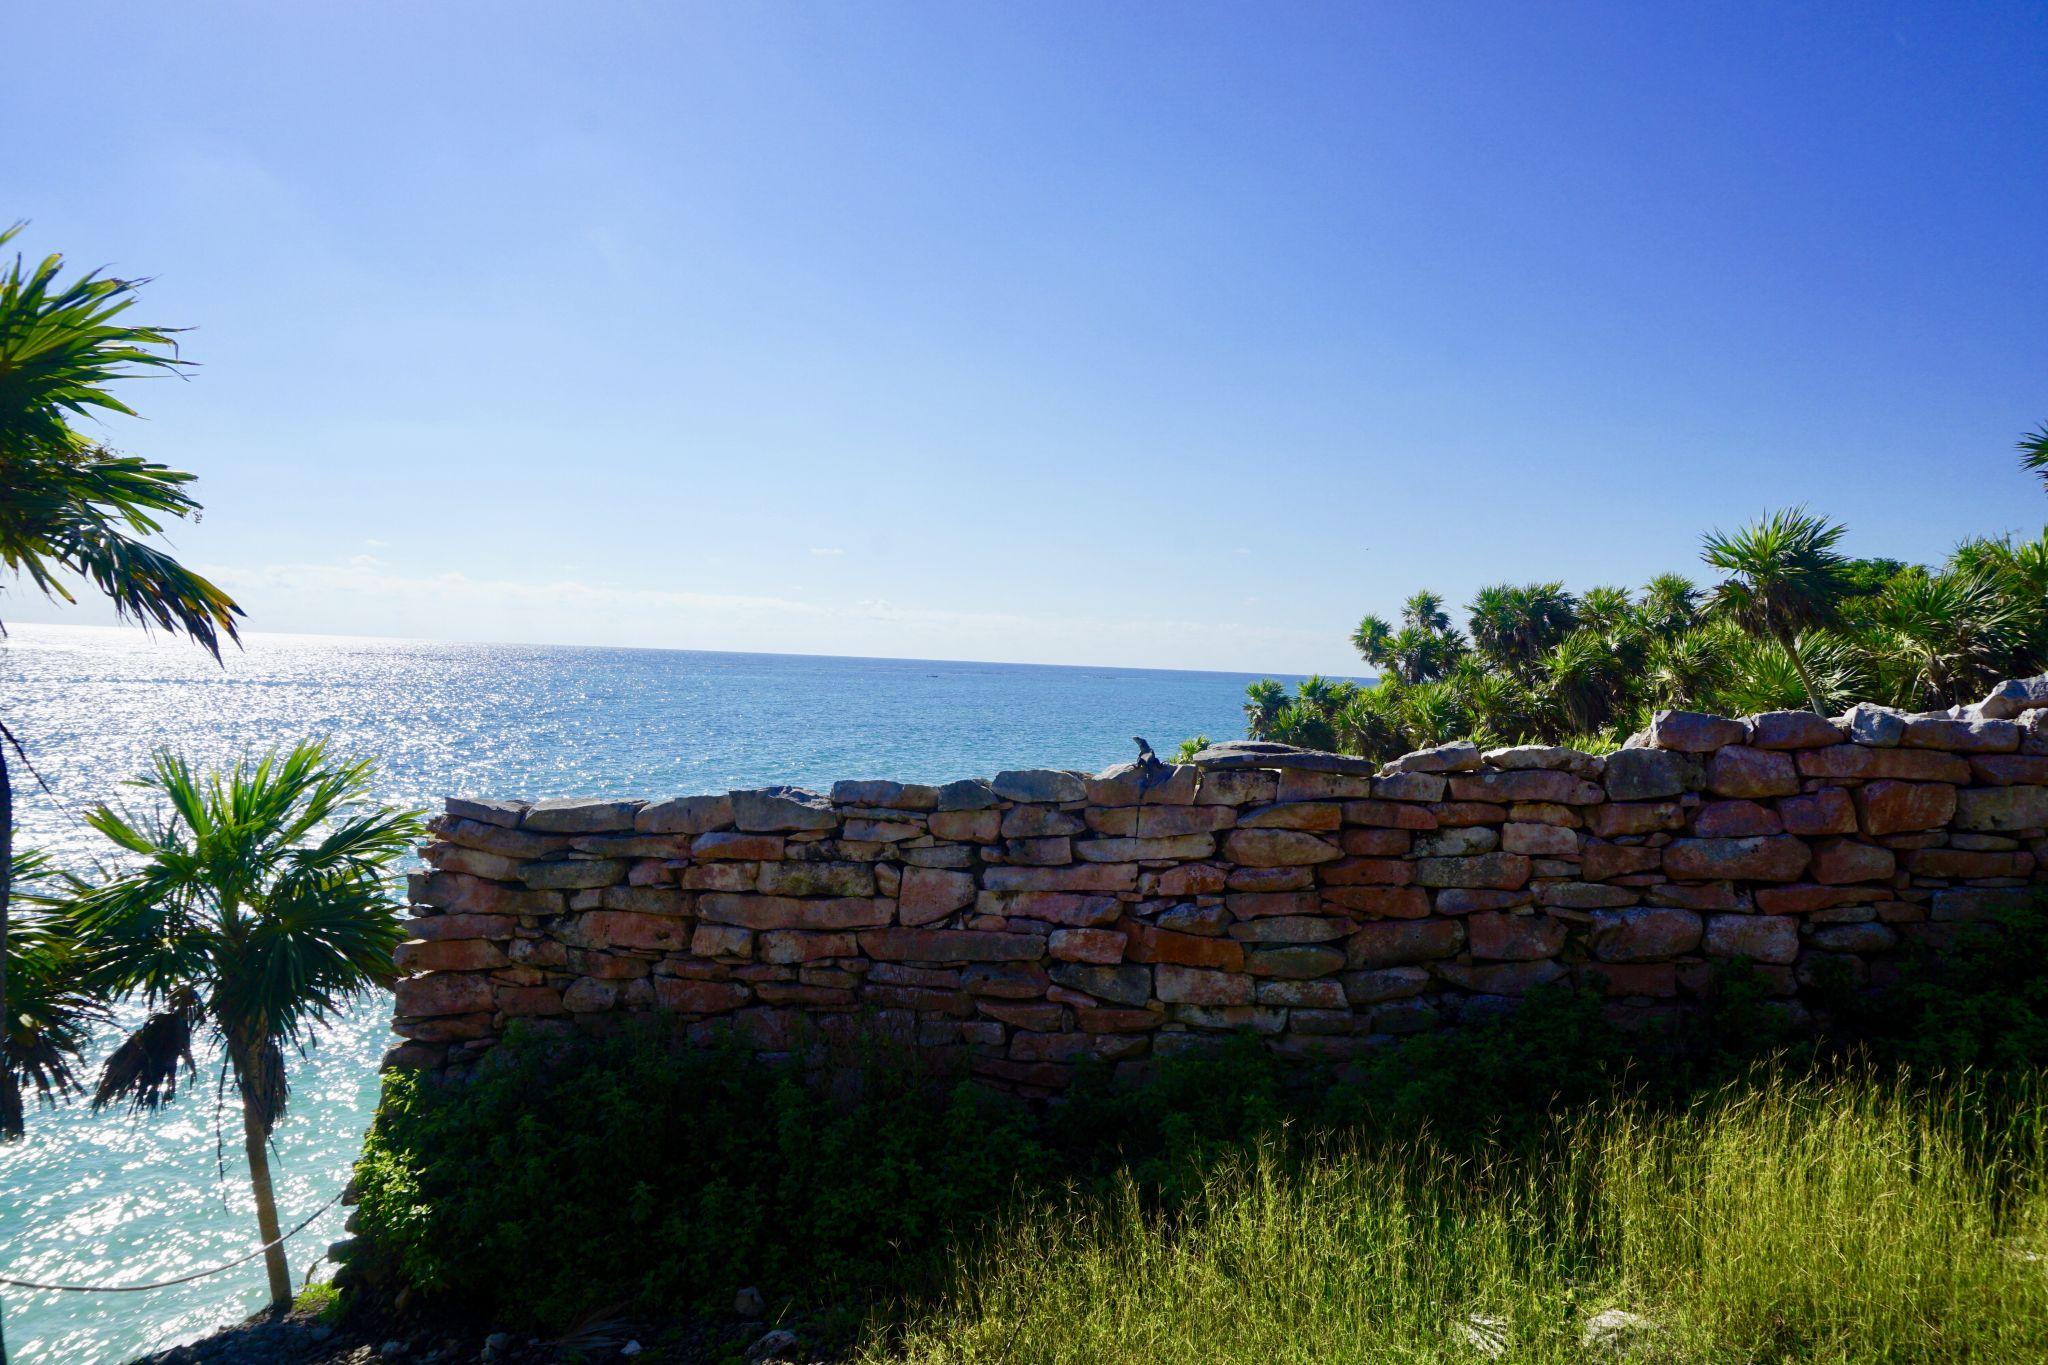 Walls surrounding the unique historical site Tulum